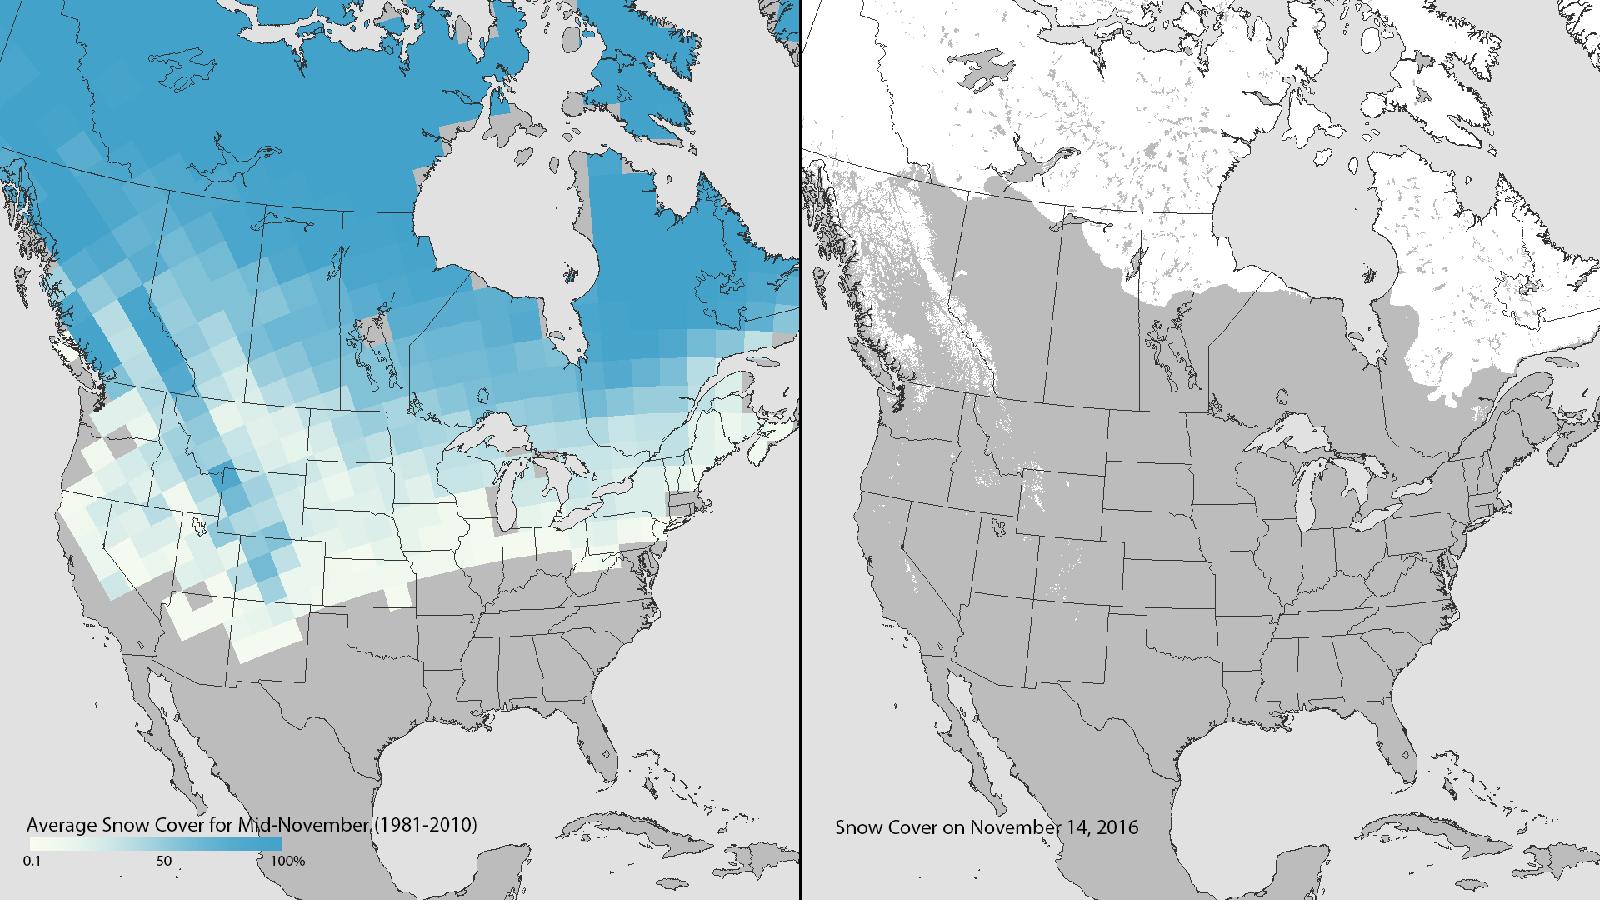 November snow cover in the US, 1981-2010 average vs. 2016